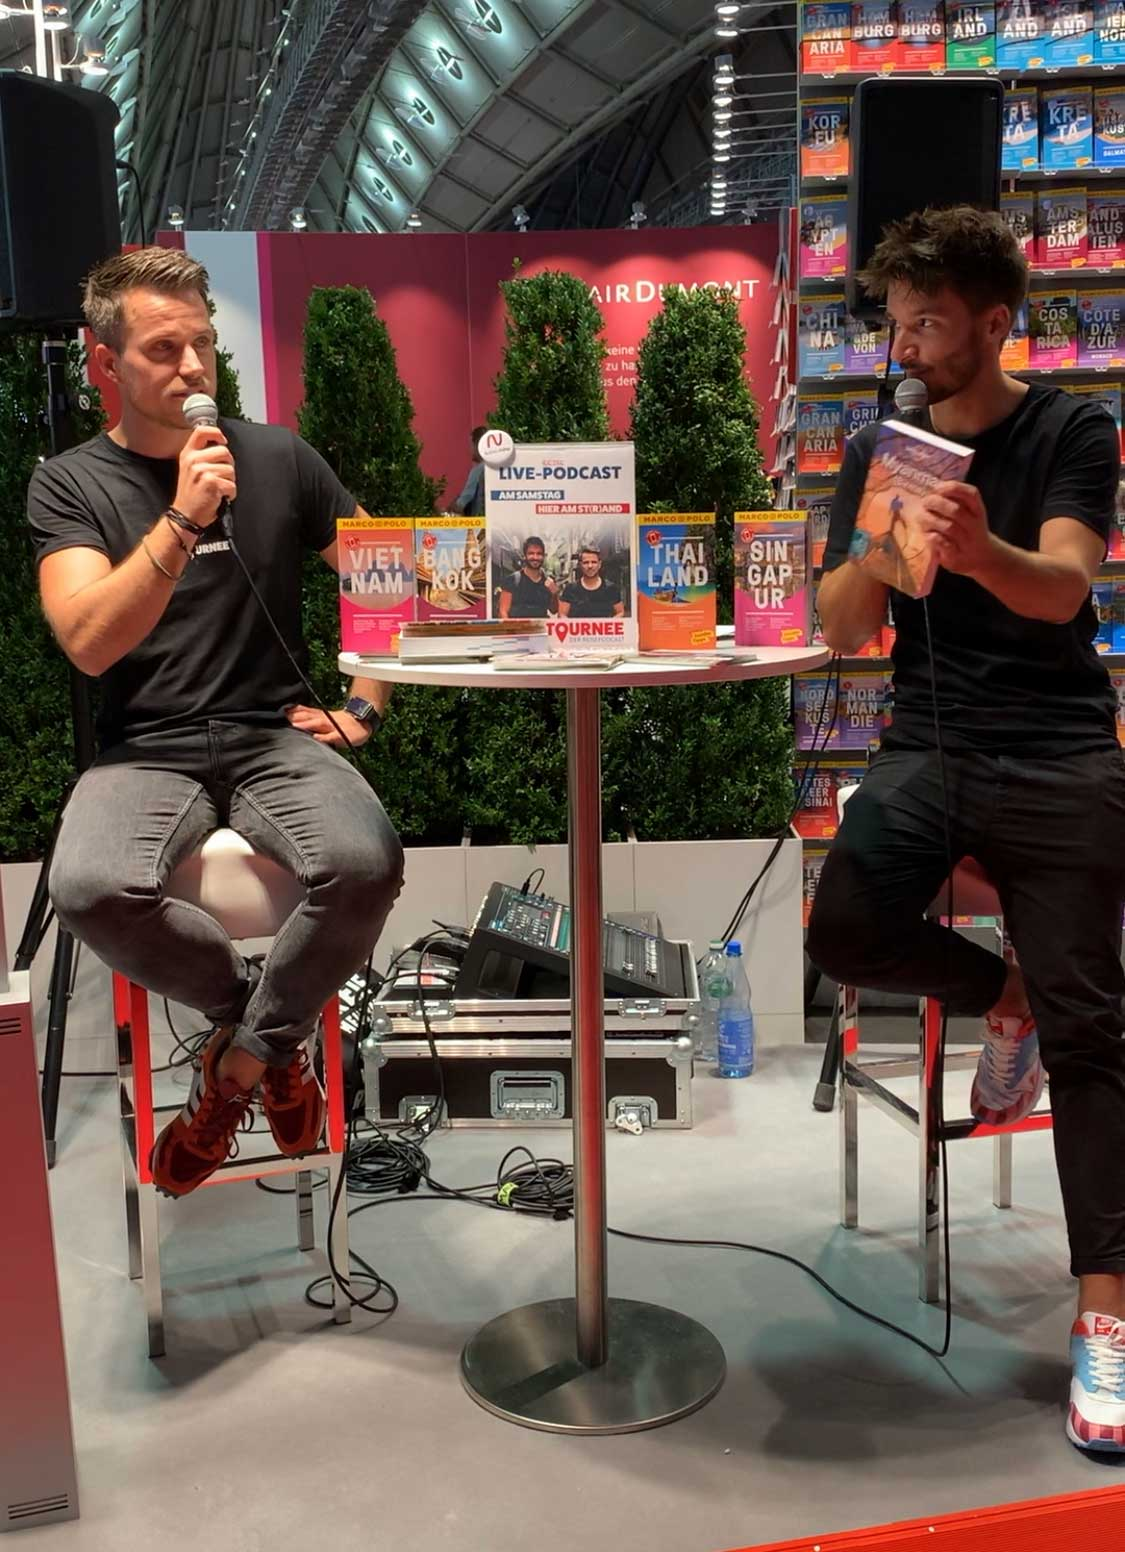 Der-Live-Podcast-Welttournee-auf-der-Buchmesse--(1)